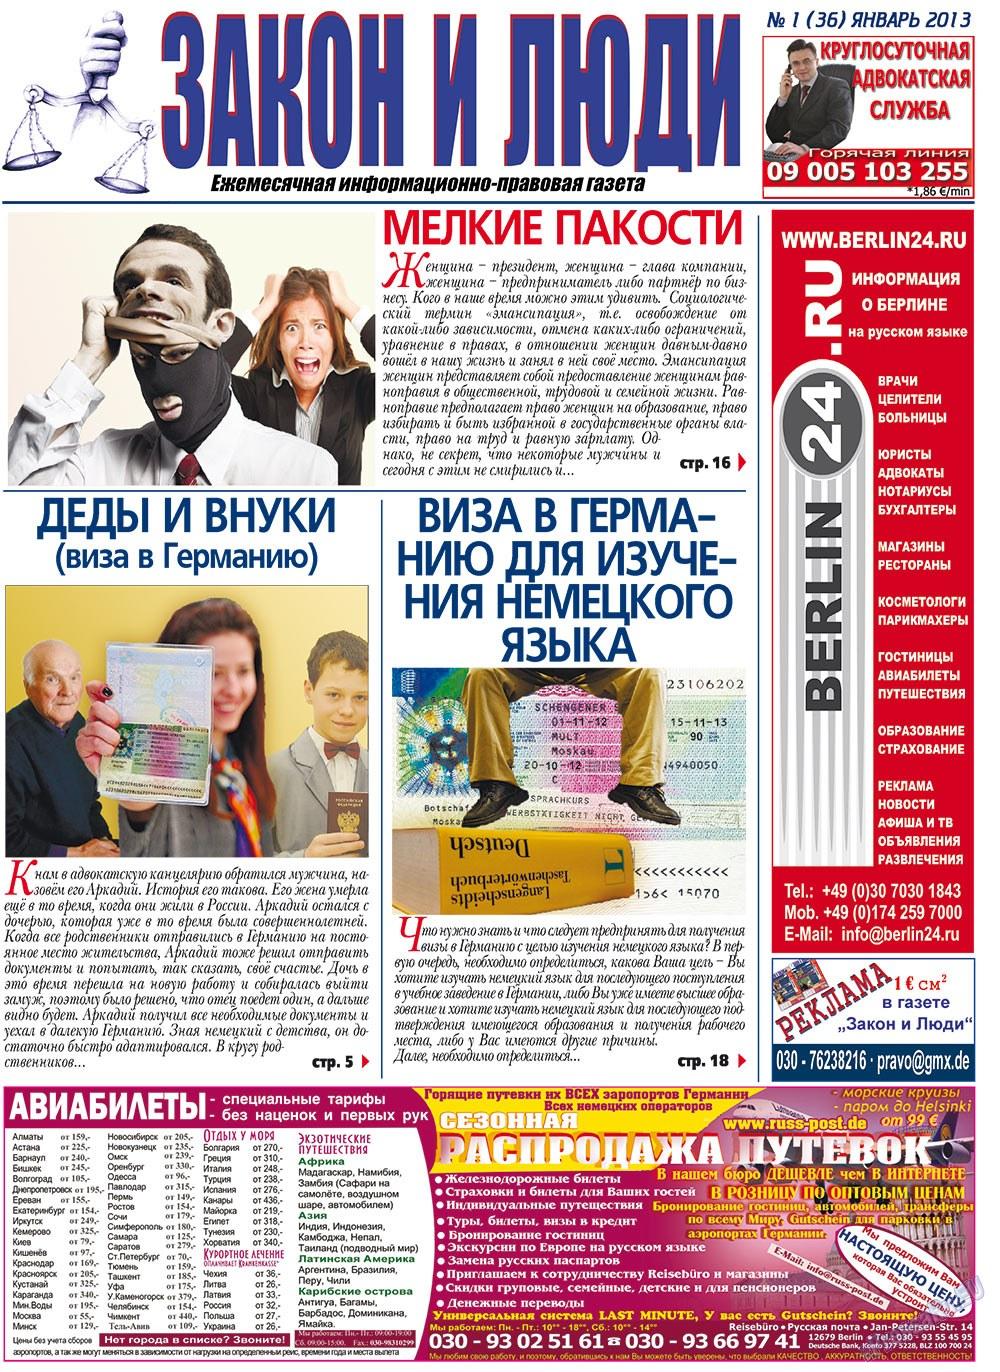 Закон и люди (газета). 2013 год, номер 1, стр. 1